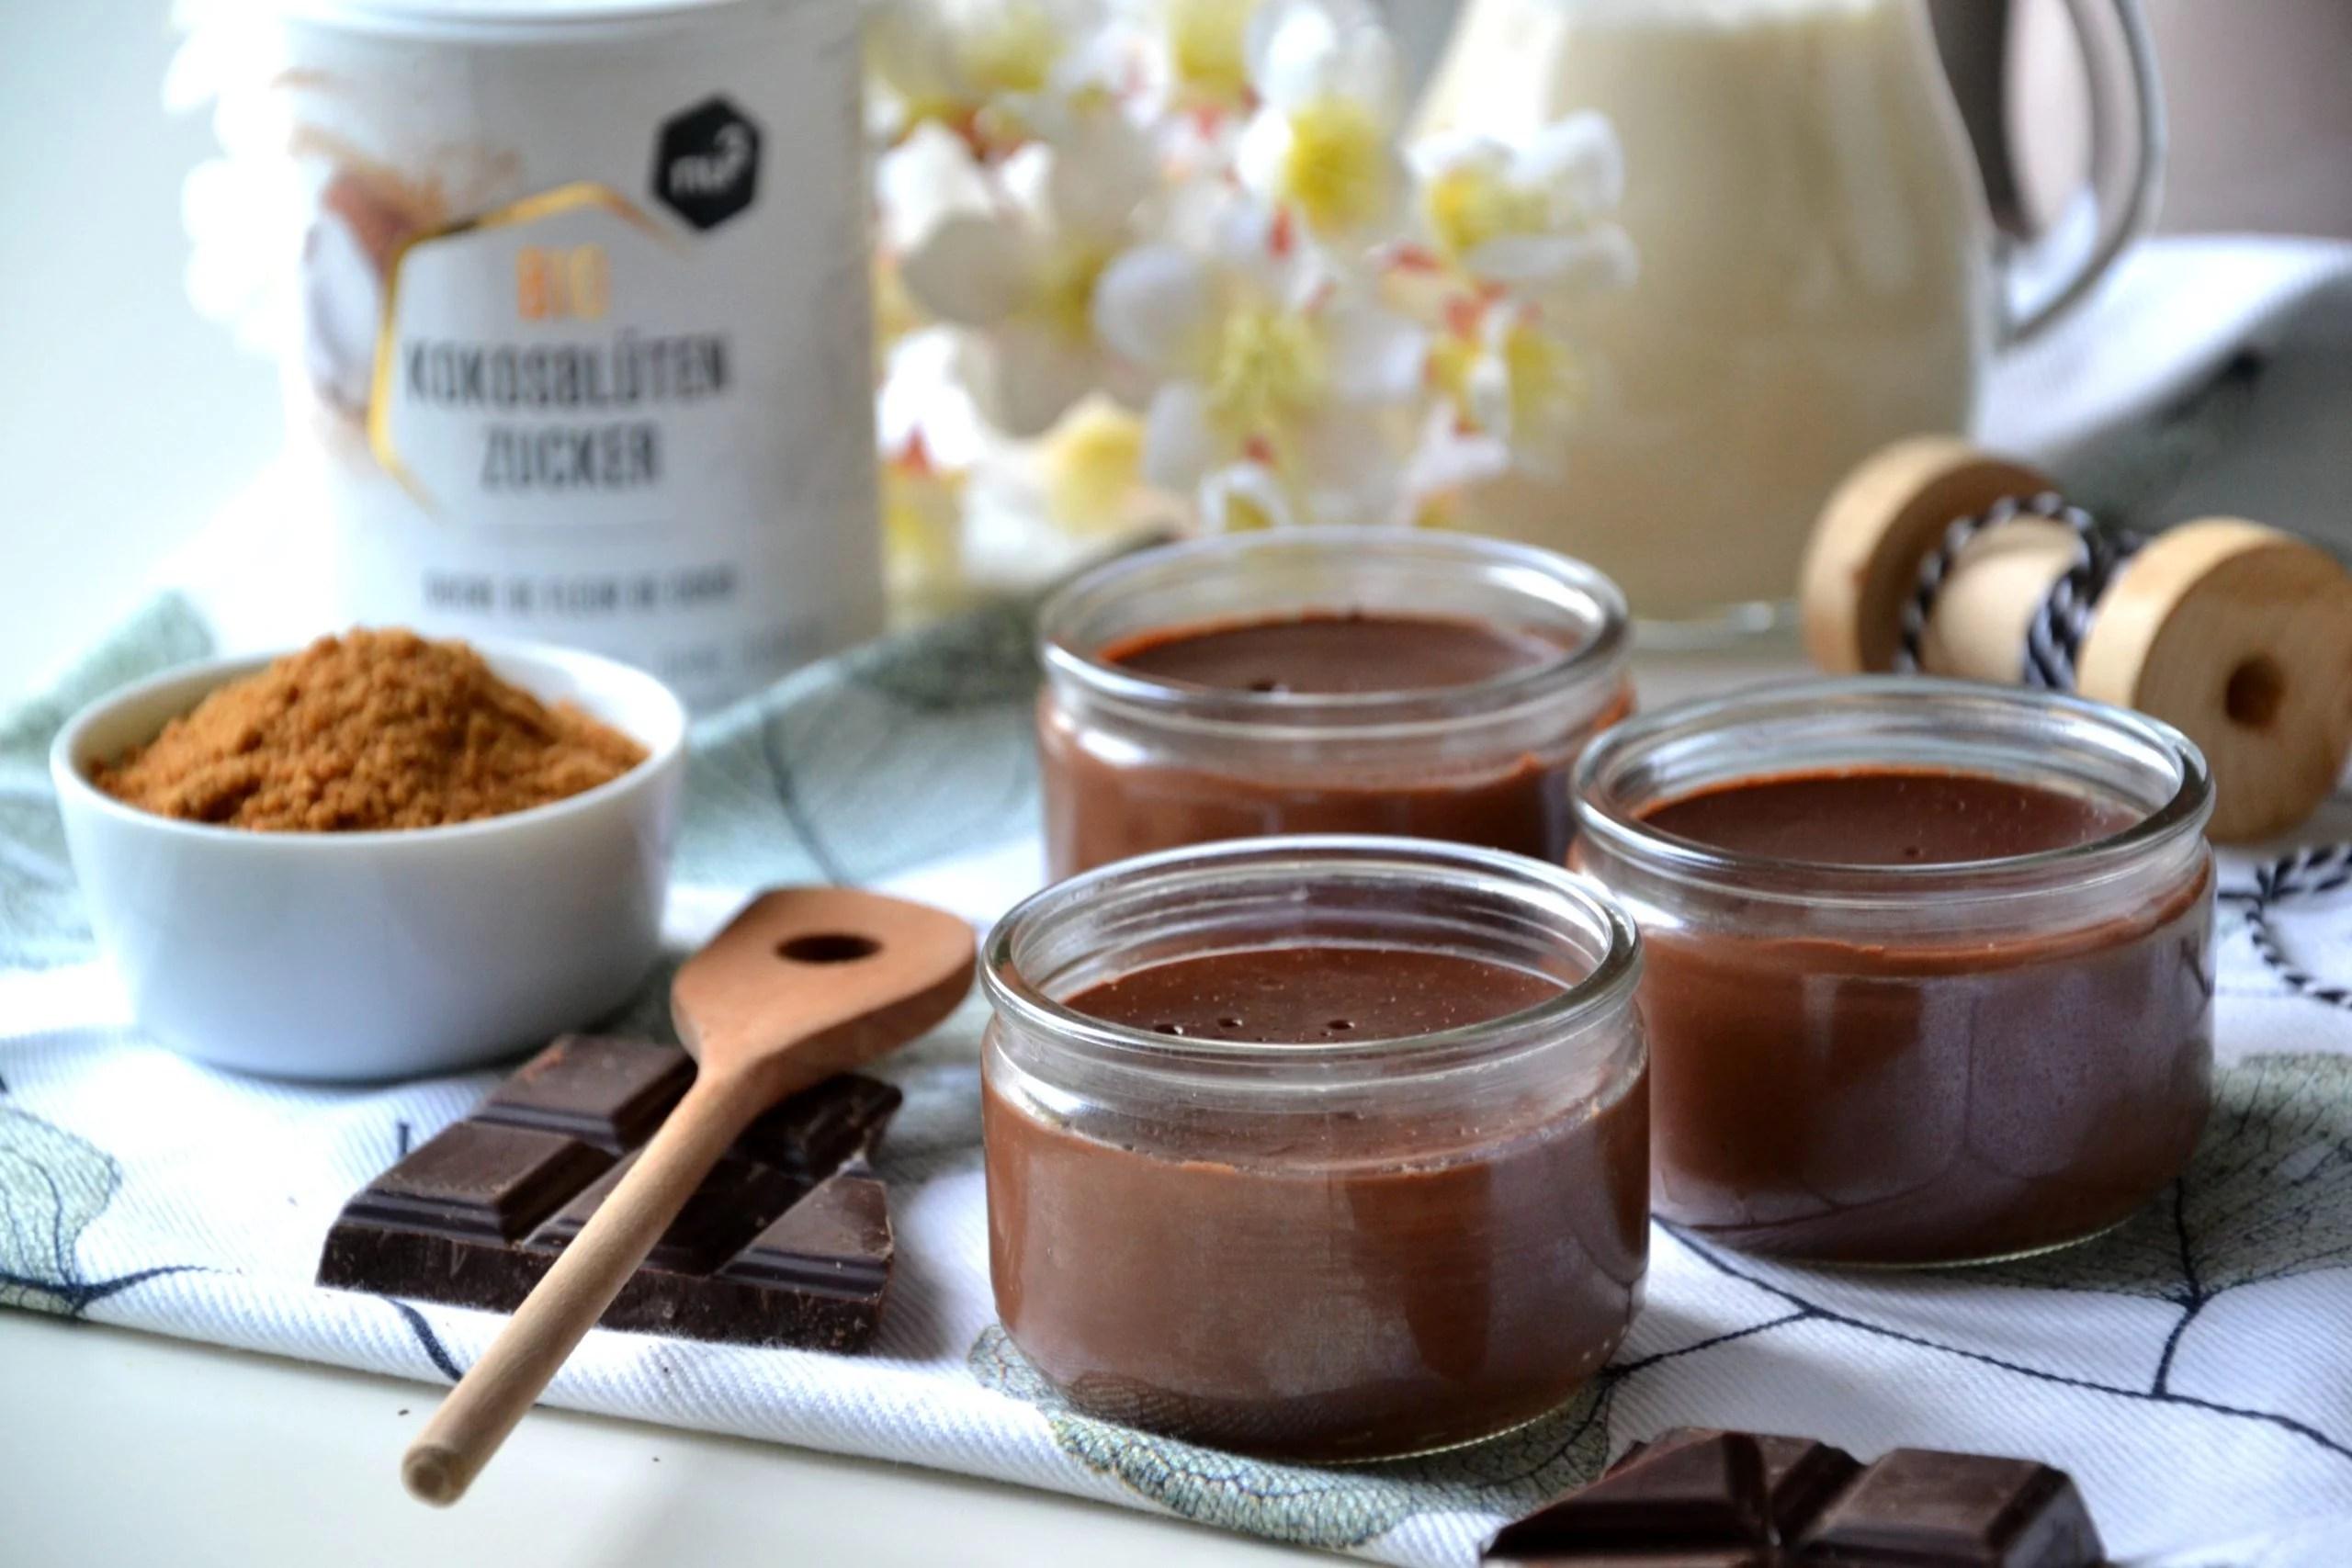 Petits pots de crème au chocolat façon «La Laitière»